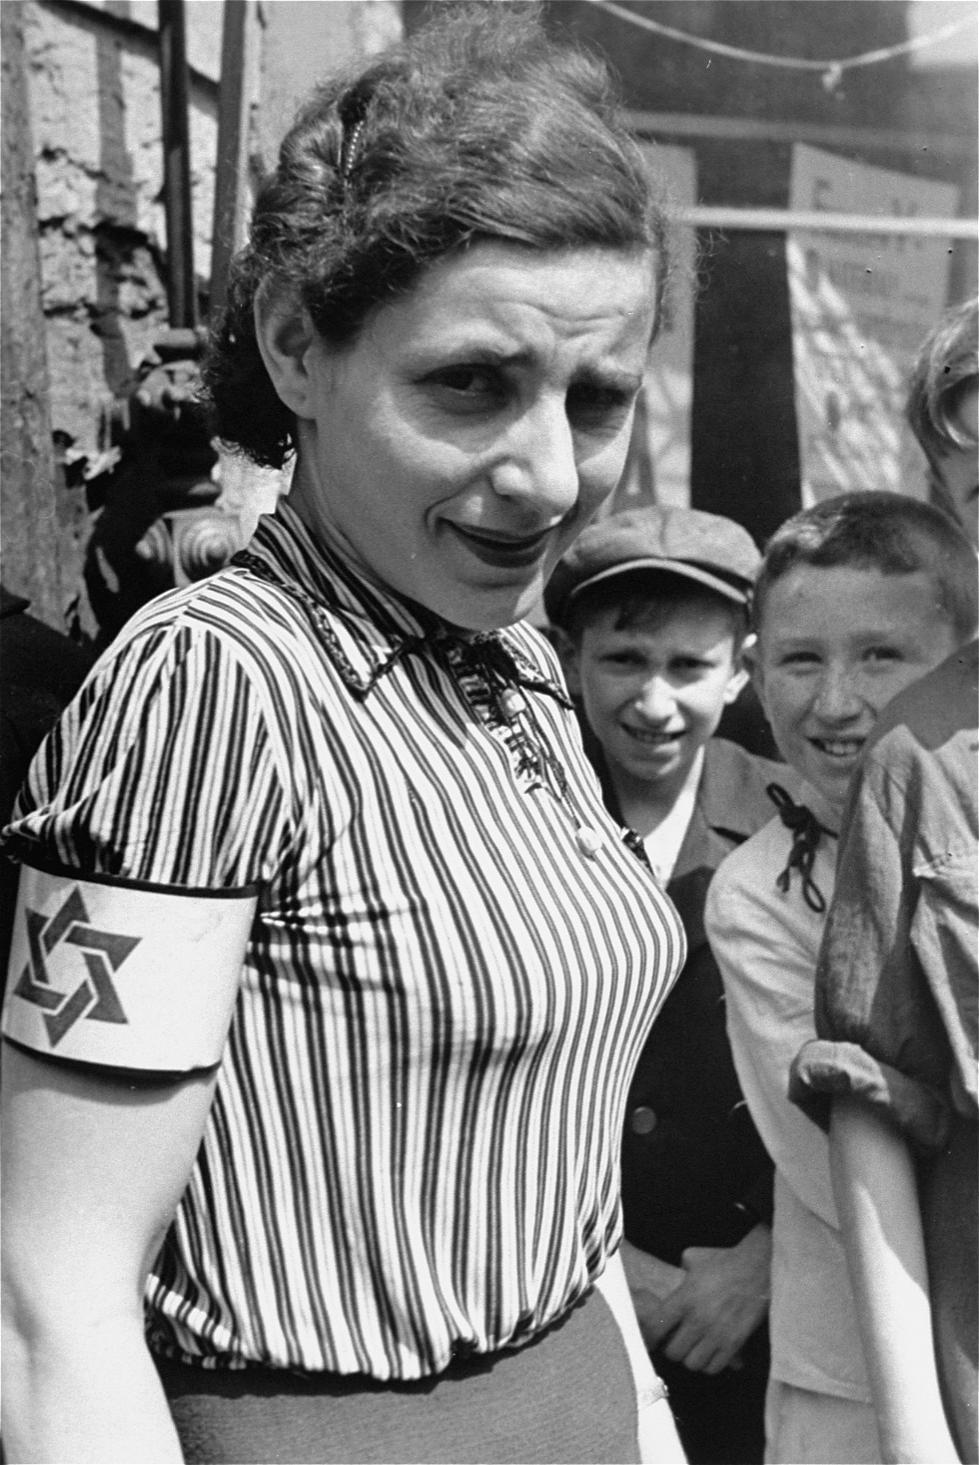 Портрет женщины в полосатой блузке на улице варшавского гетто